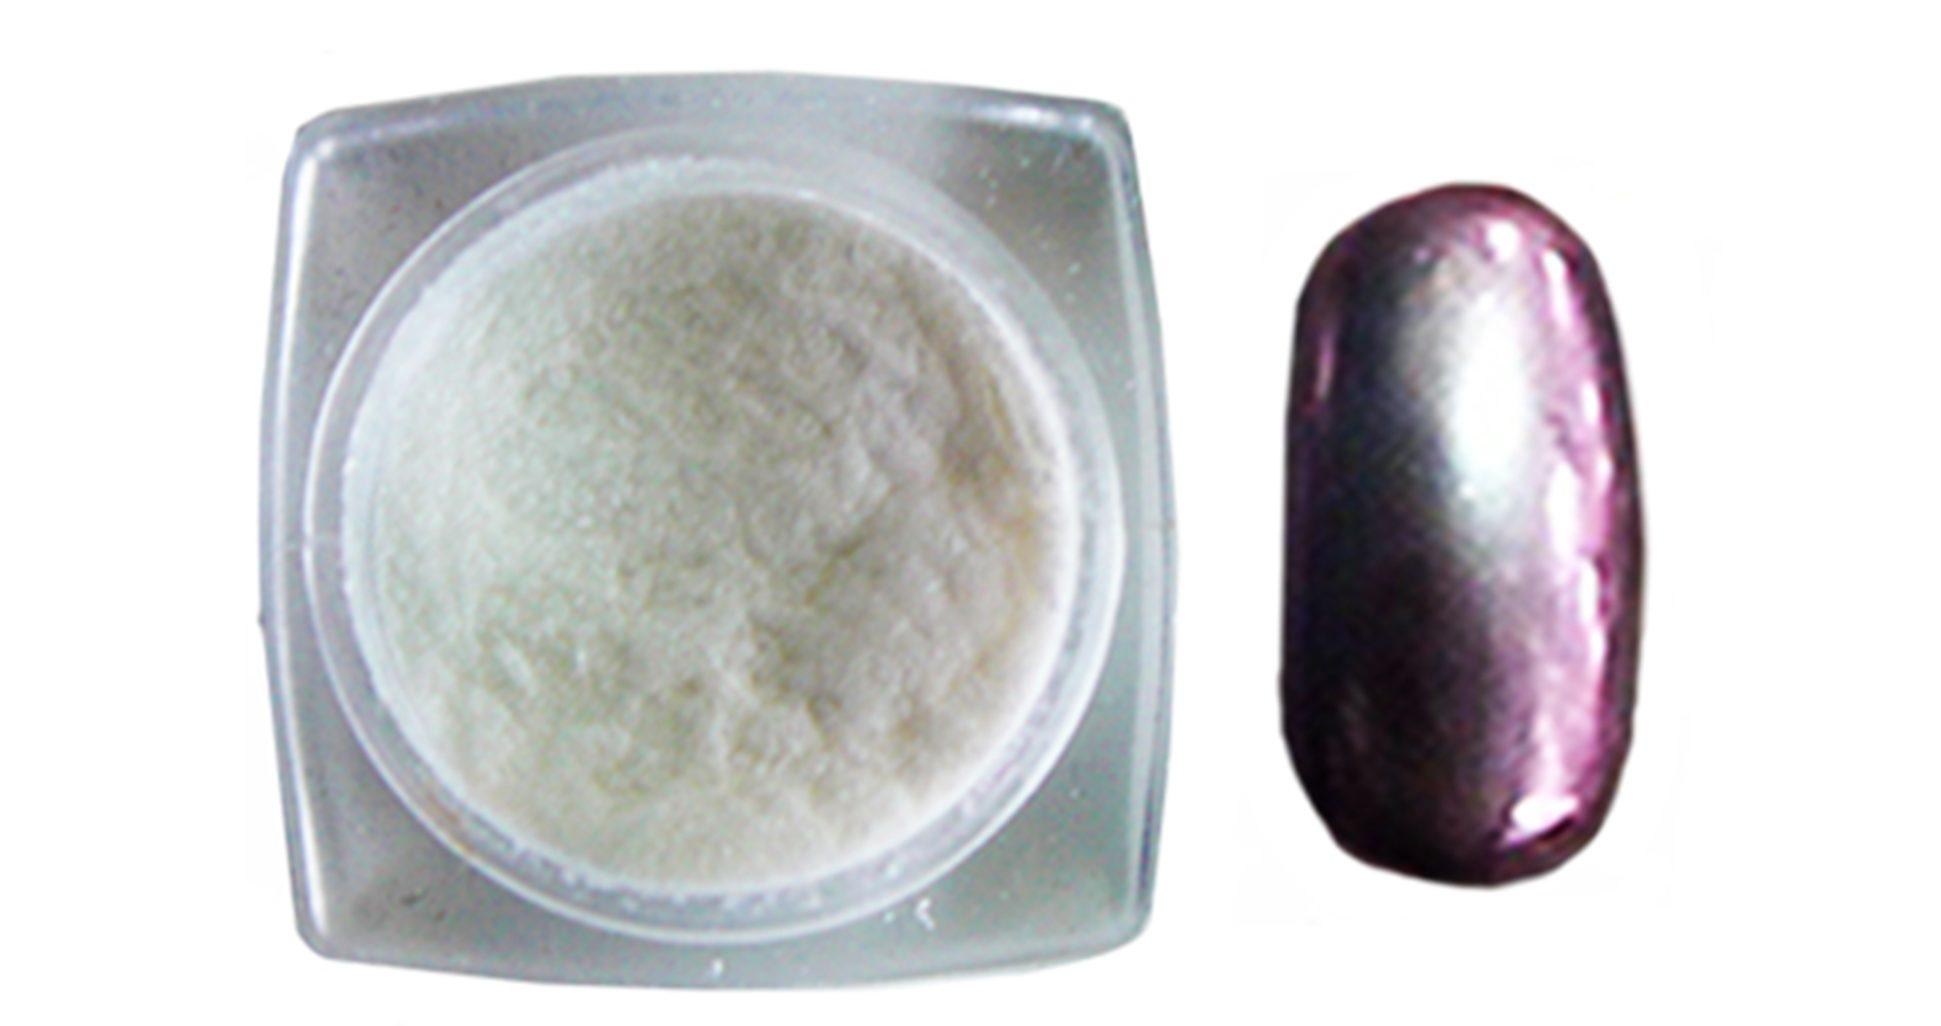 MI-NY Chromatic Mirror Powder 04